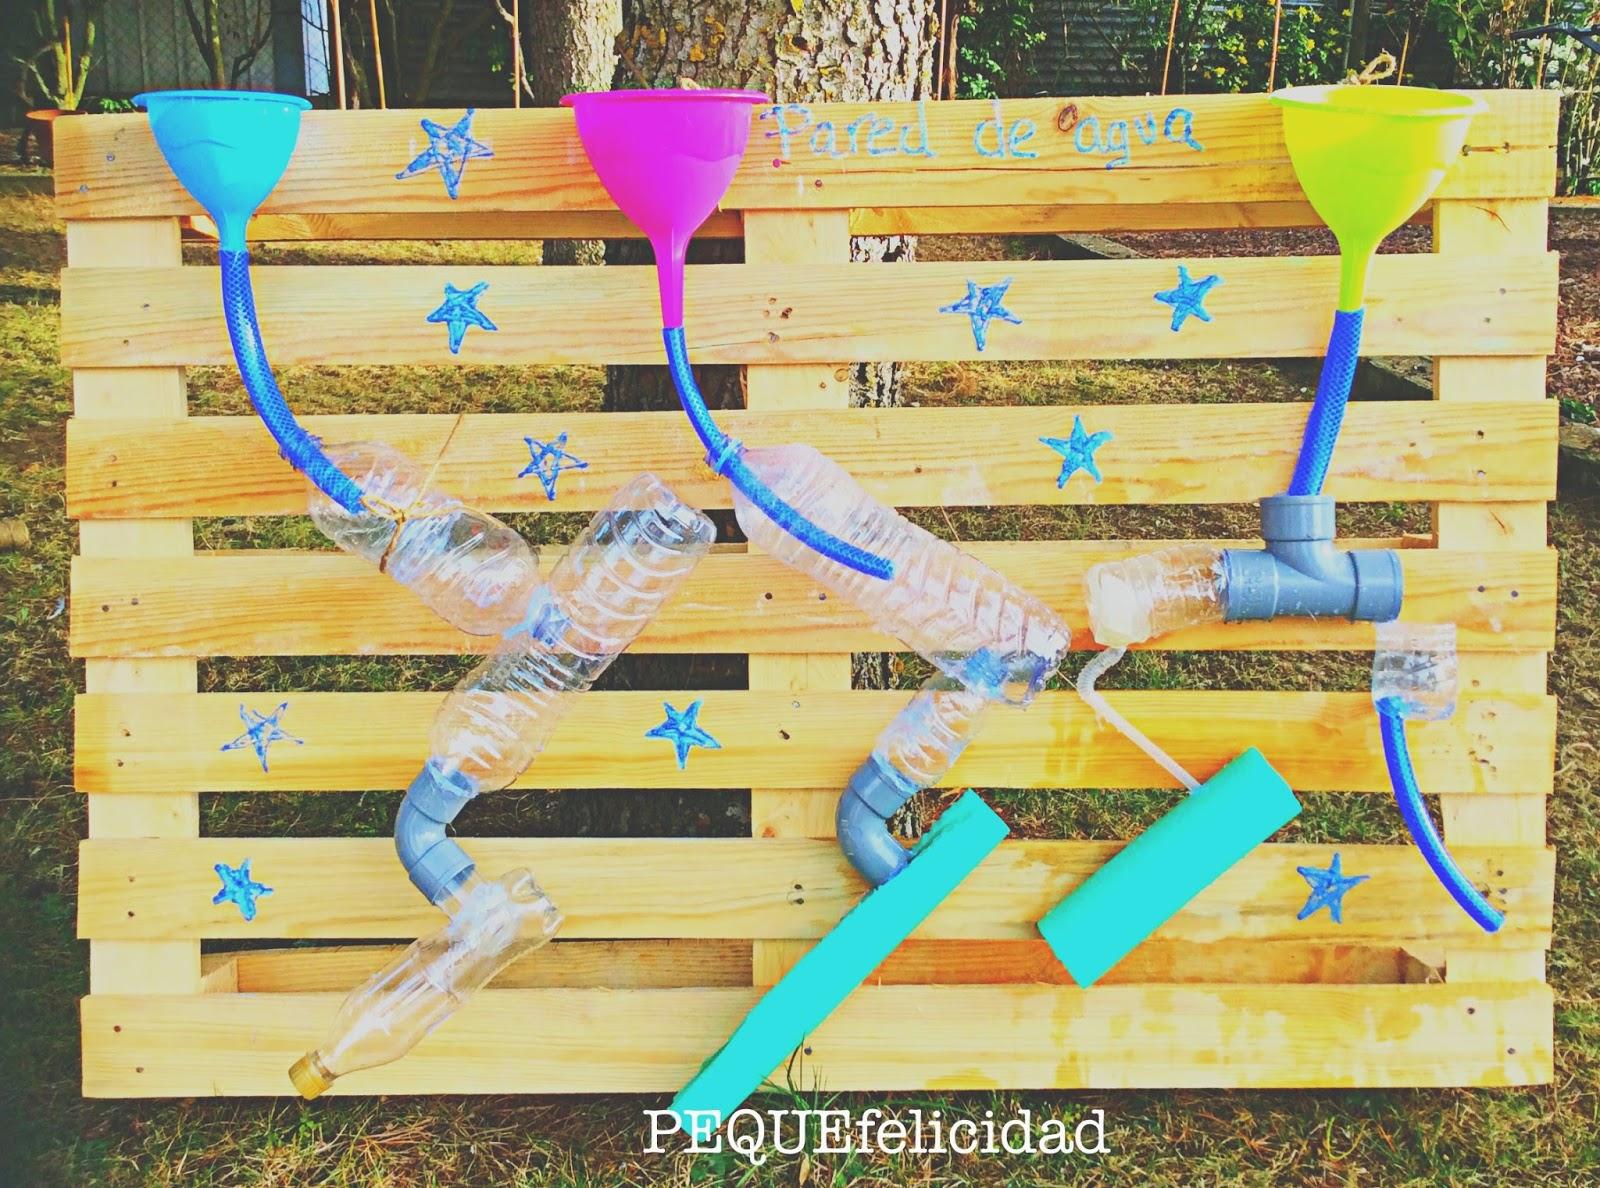 Pequefelicidad 10 juegos con agua para ni os de 1 a 2 a os for Actividades para jardin